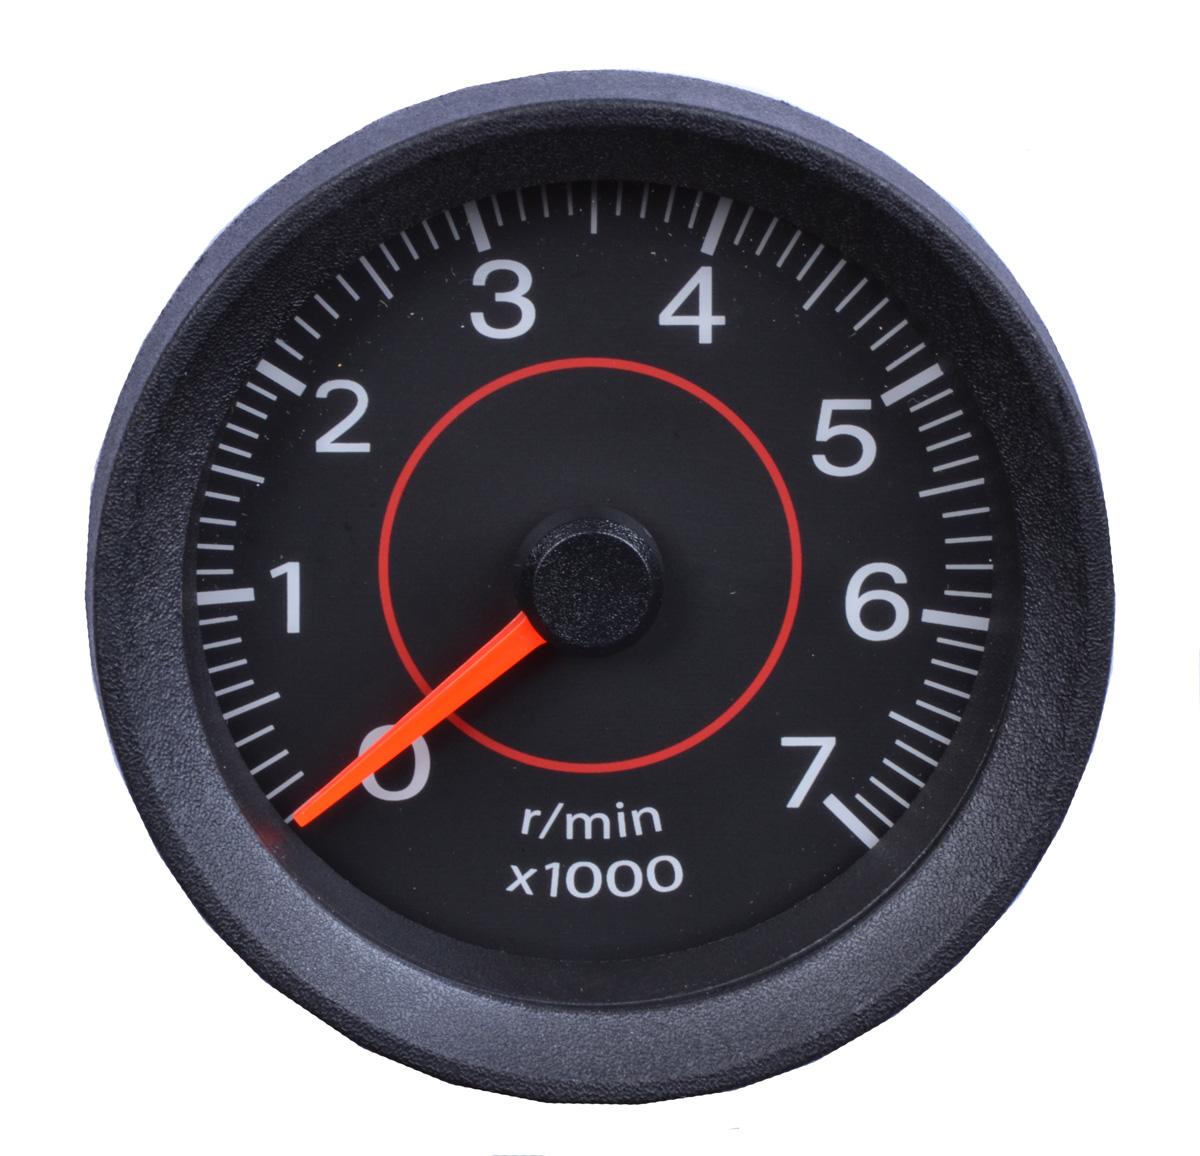 Evinrude Gauge Tech Series Tachometer 5 6 10 Pulse